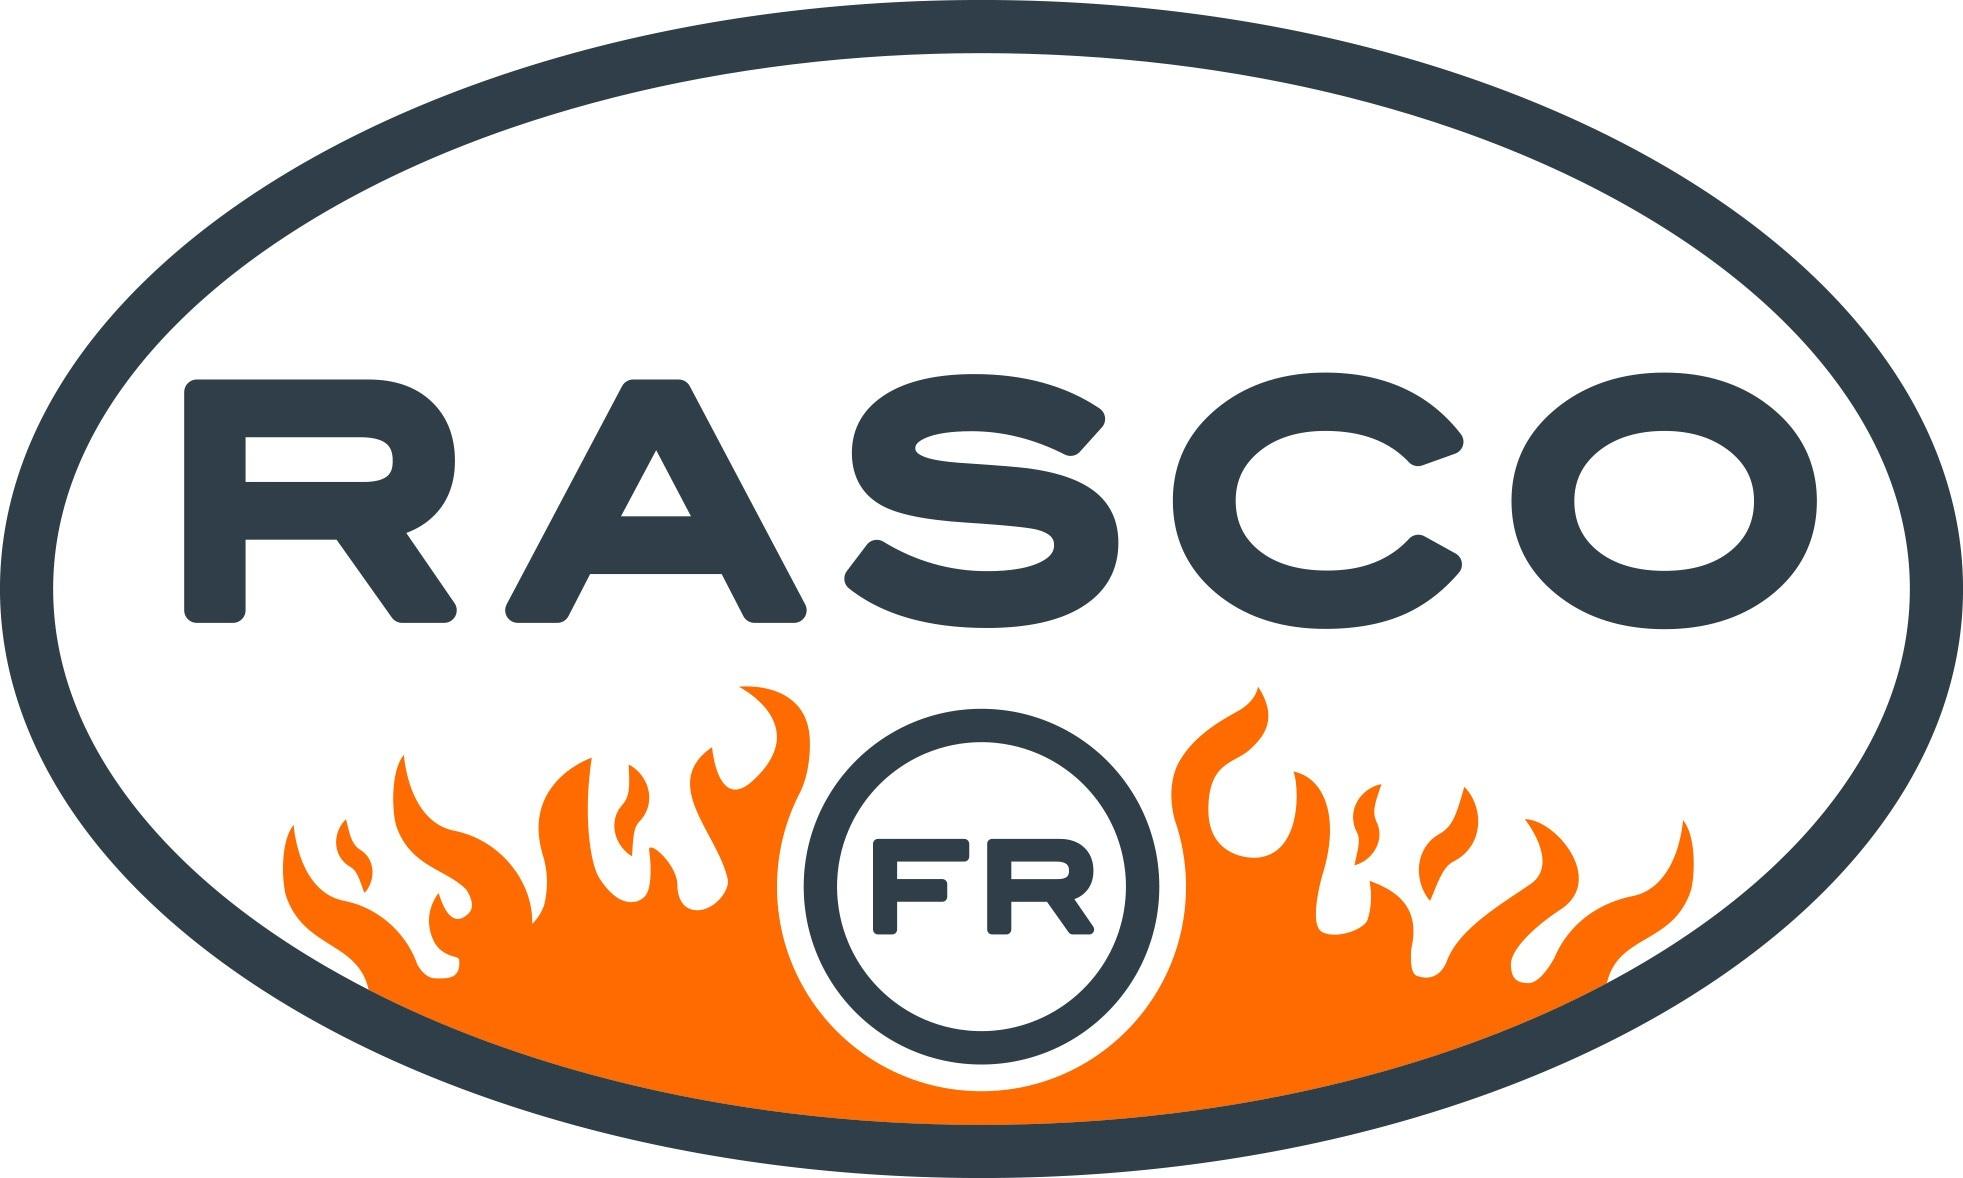 Rasco FR Catalog